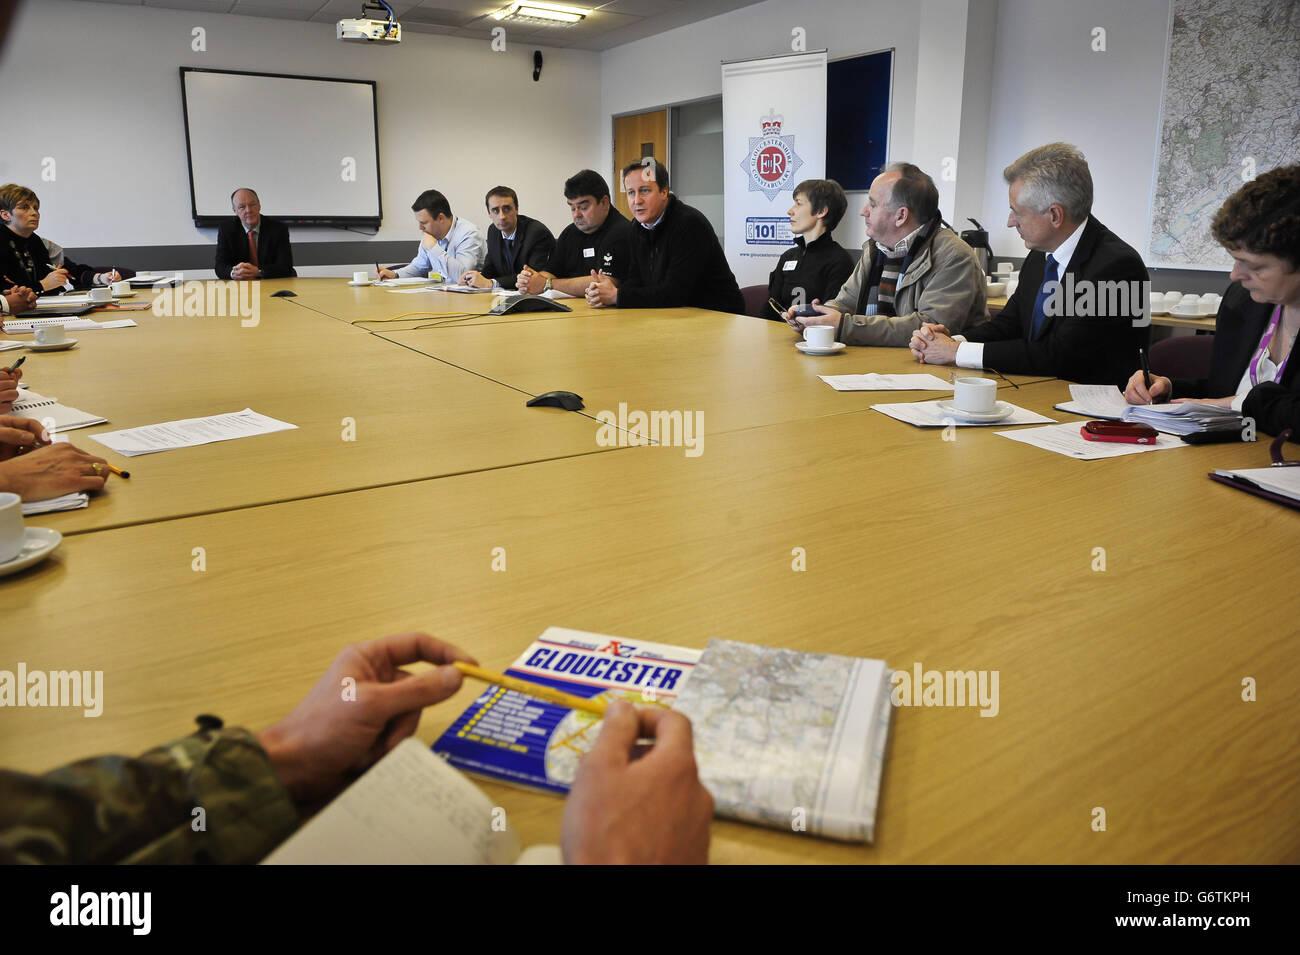 El primer ministro David Cameron (5to. A la derecha) se reúne con representantes de varias agencias en Silver Command en Gloucester para discutir las medidas de inundación y el trabajo en la comunidad. Foto de stock